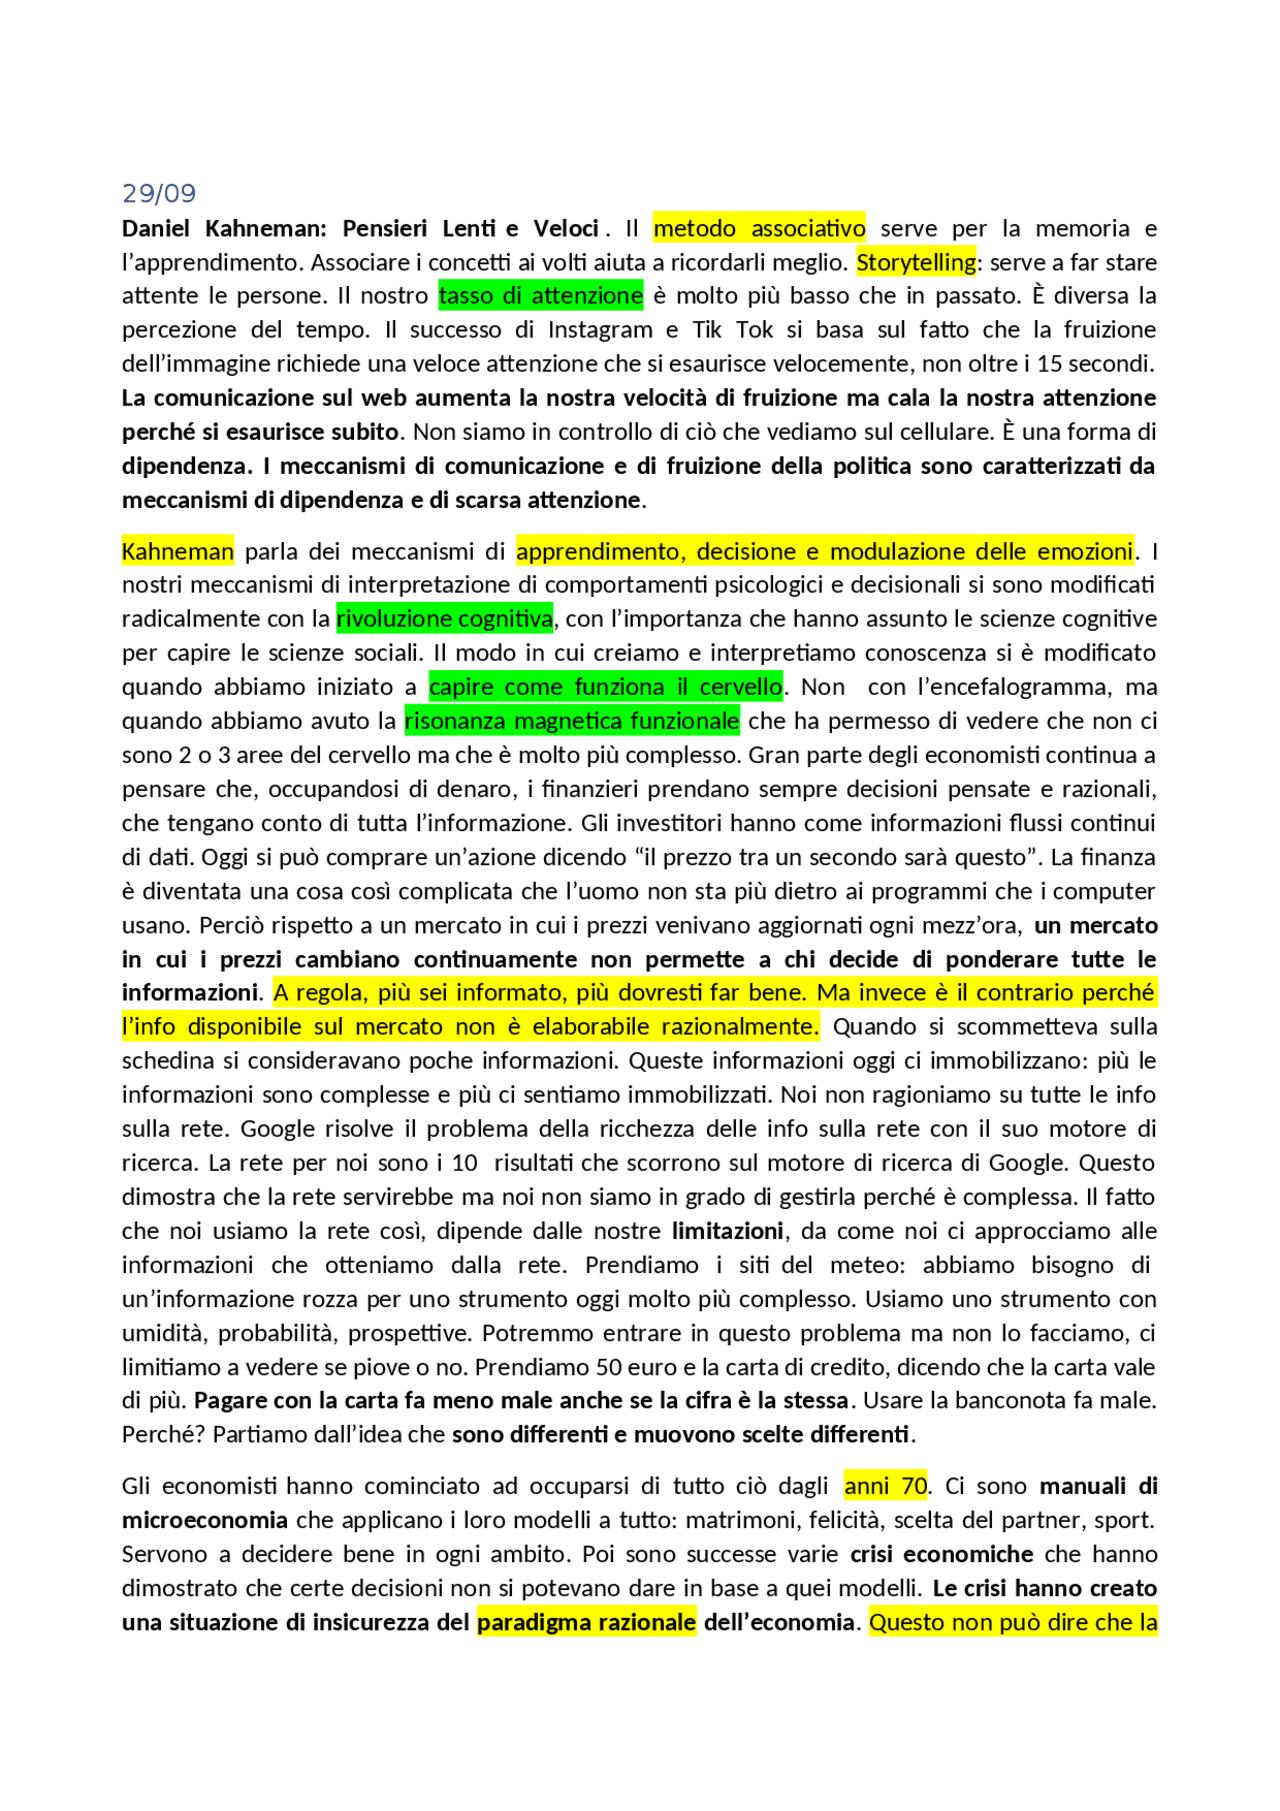 vai allopzione binaria automatica sopravento opzione binaria tradin italia broker bitcoin b x